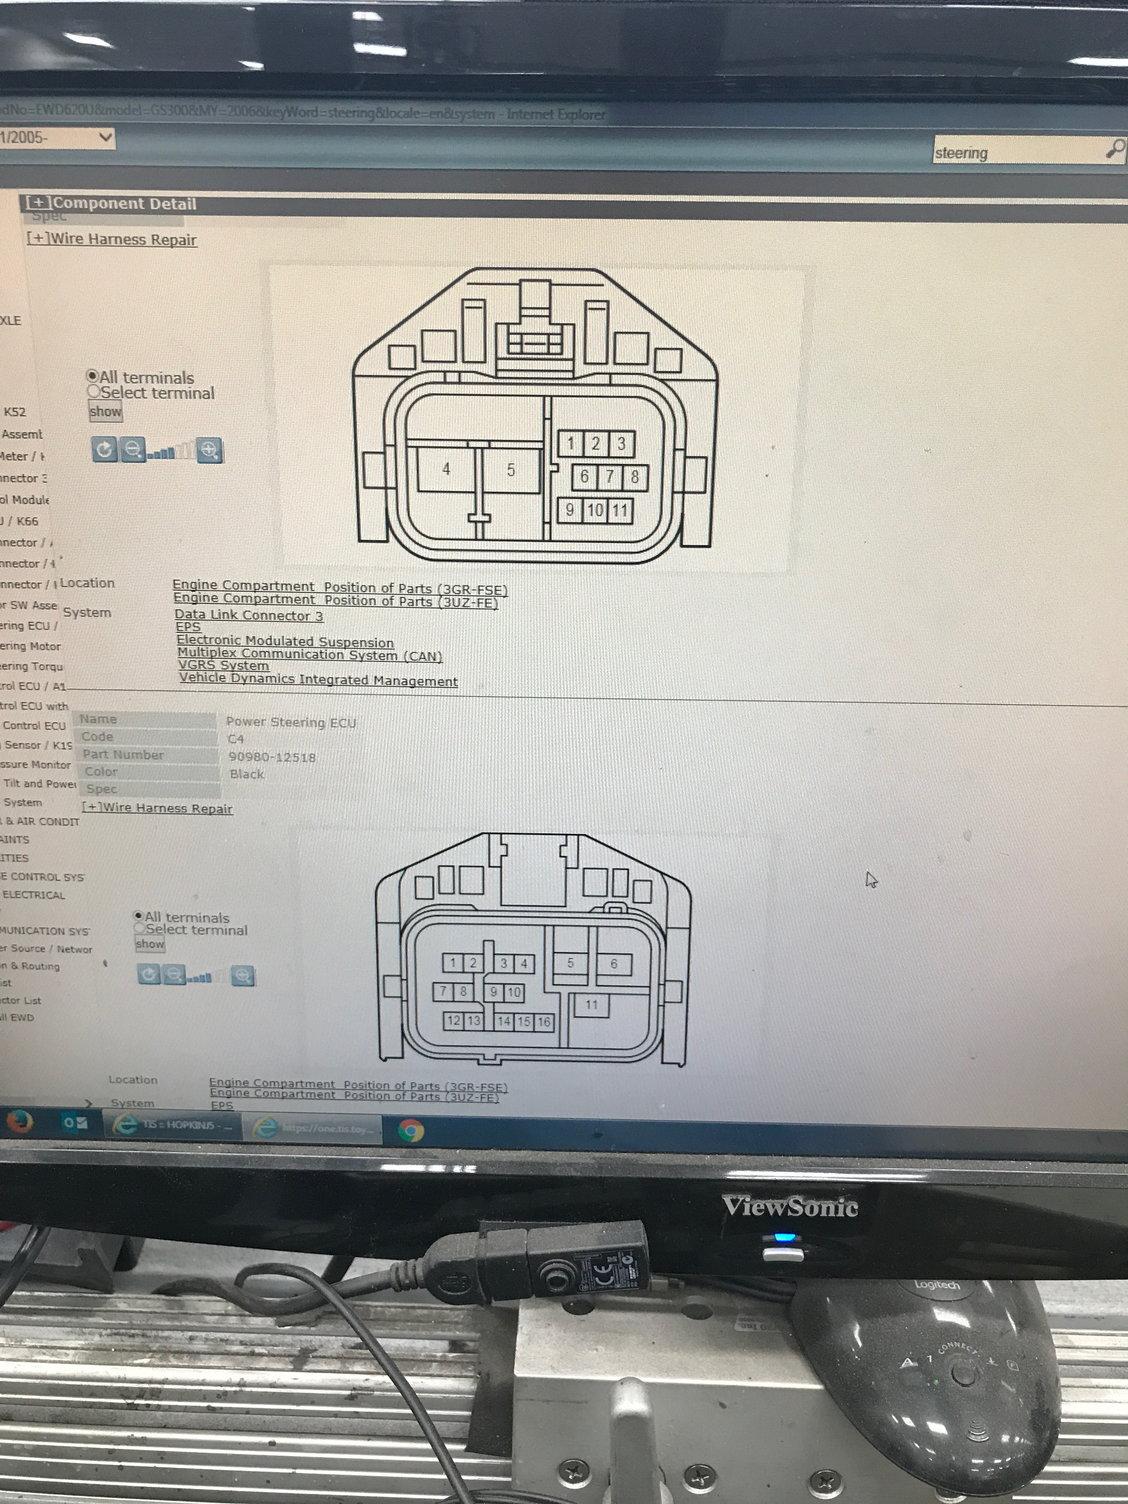 Power Steering Ecu Wiring Diagram Help  Asap